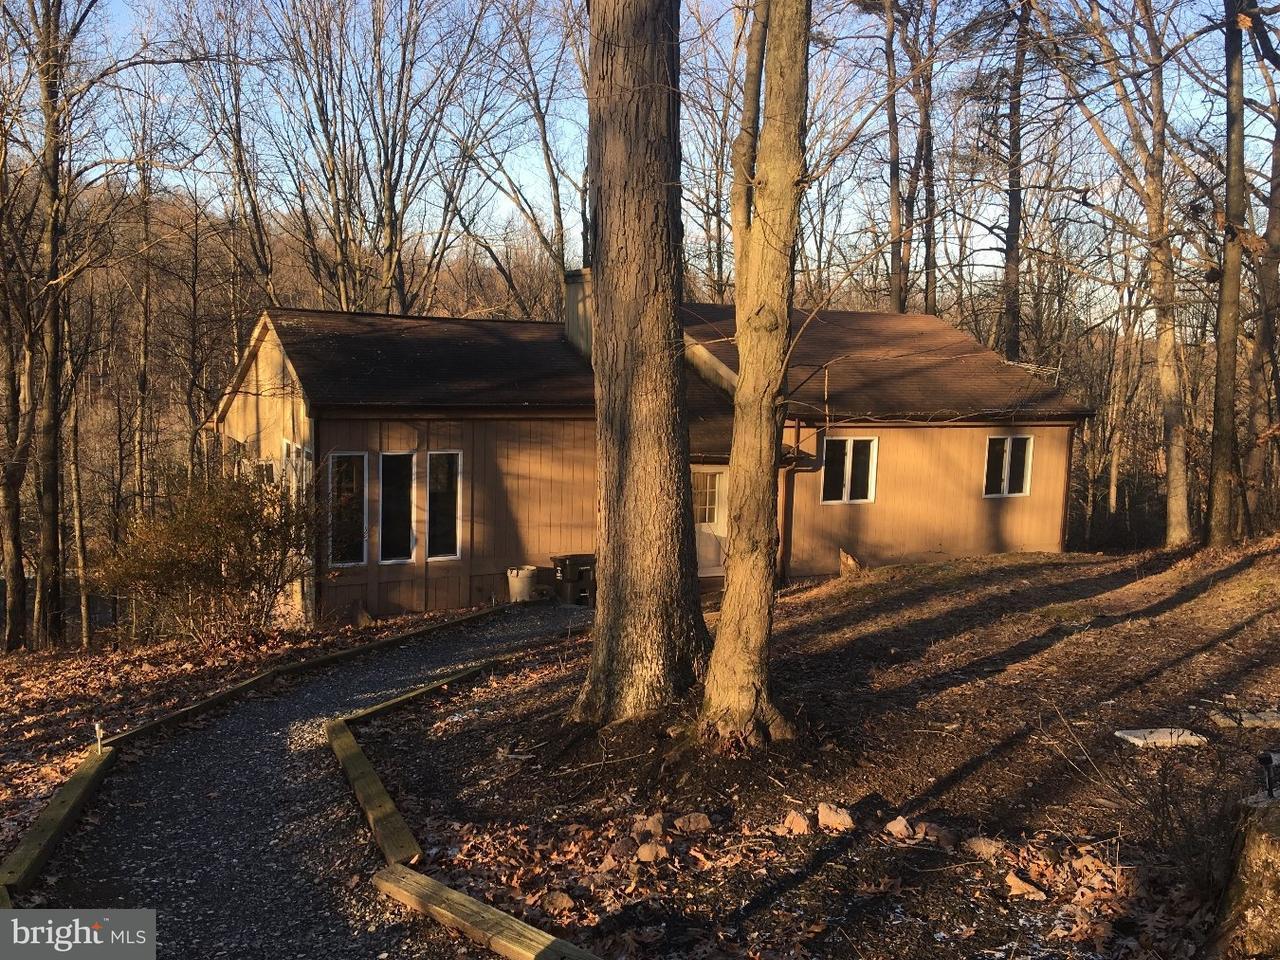 独户住宅 为 出租 在 87 BUCK HOLLOW Road 莫哈顿, 宾夕法尼亚州 19543 美国